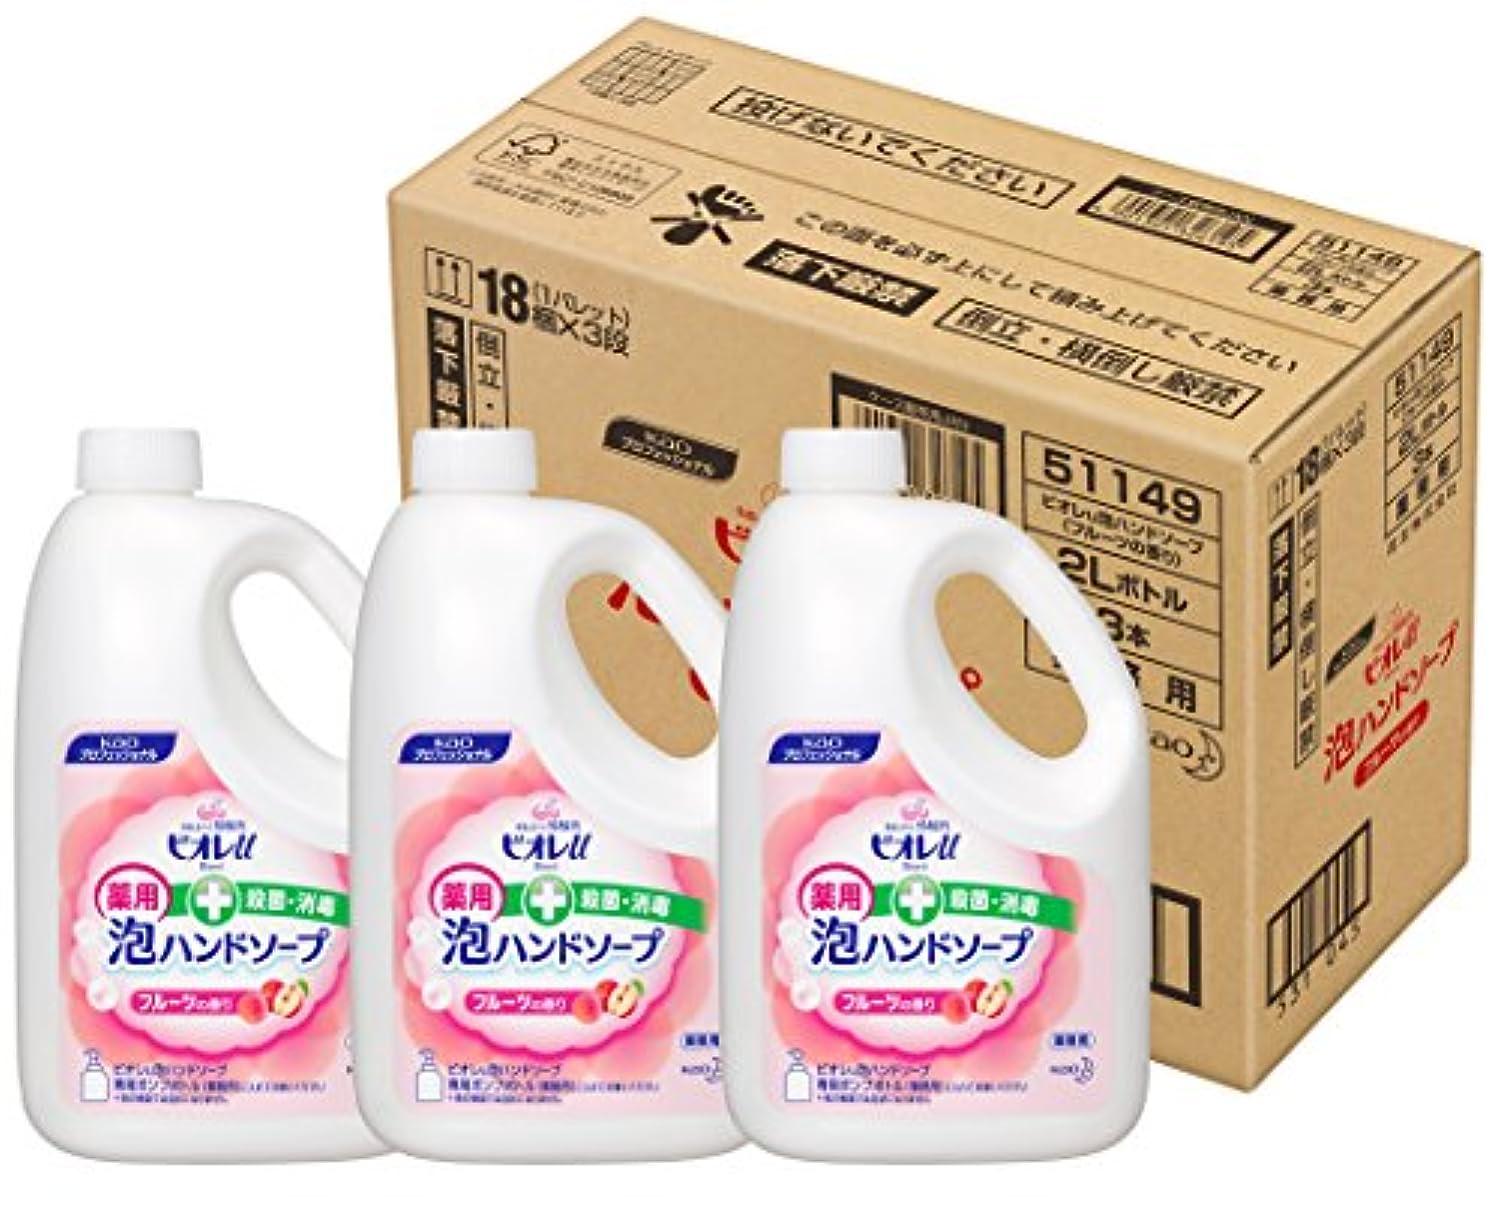 空白ワゴンスーパーマーケット【ケース販売 業務用 泡ハンドソープ】ビオレu 泡ハンドソープ フルーツの香り 2L×3(プロフェッショナルシリーズ)